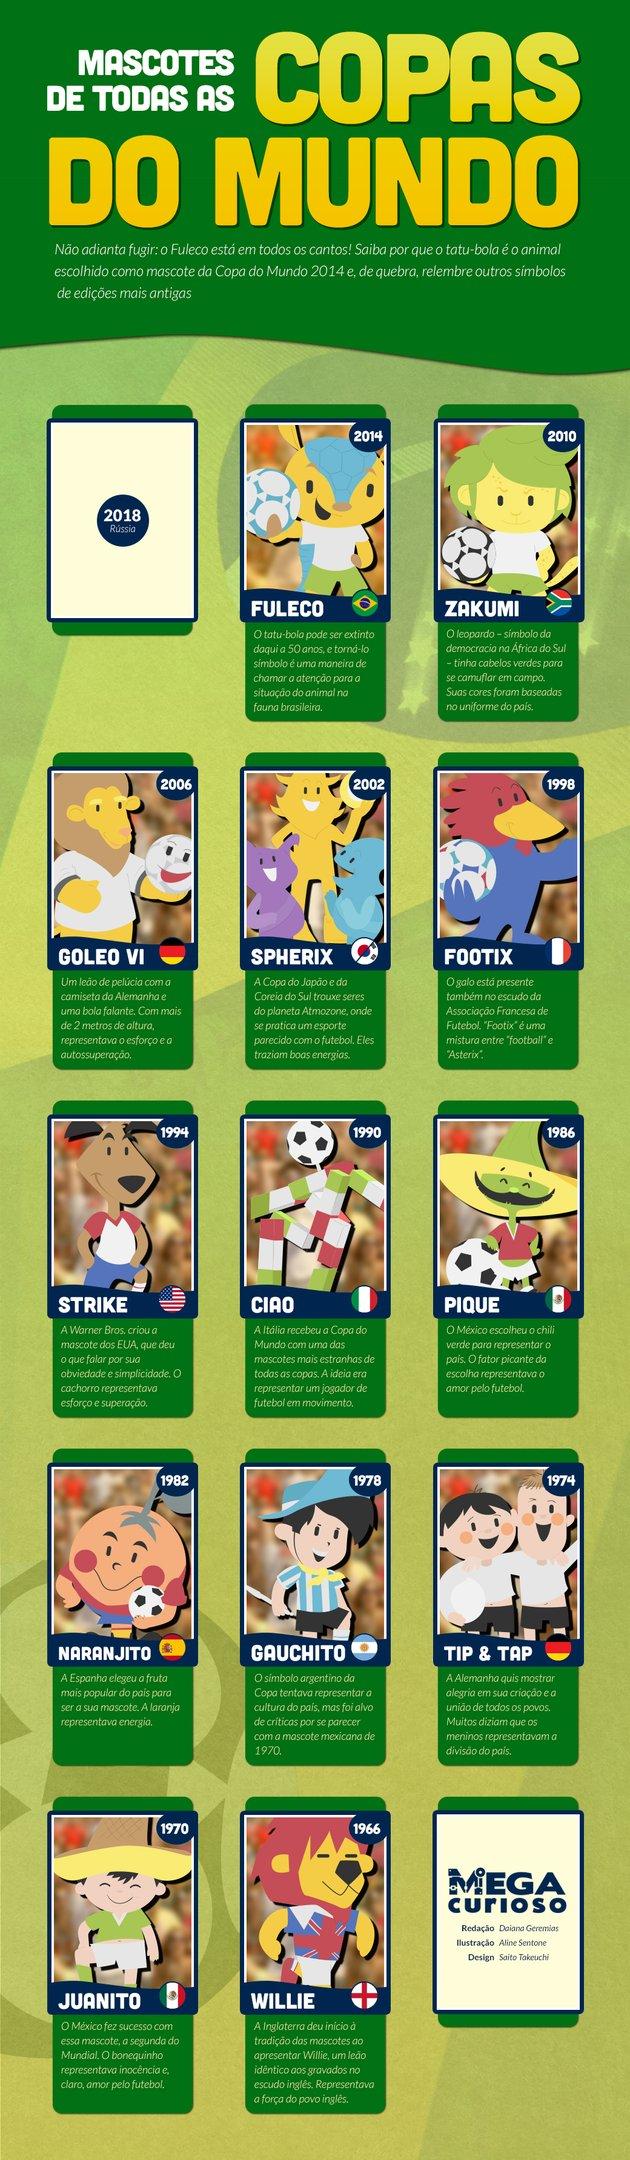 Conheça todas as mascotes das últimas edições da Copa do Mundo